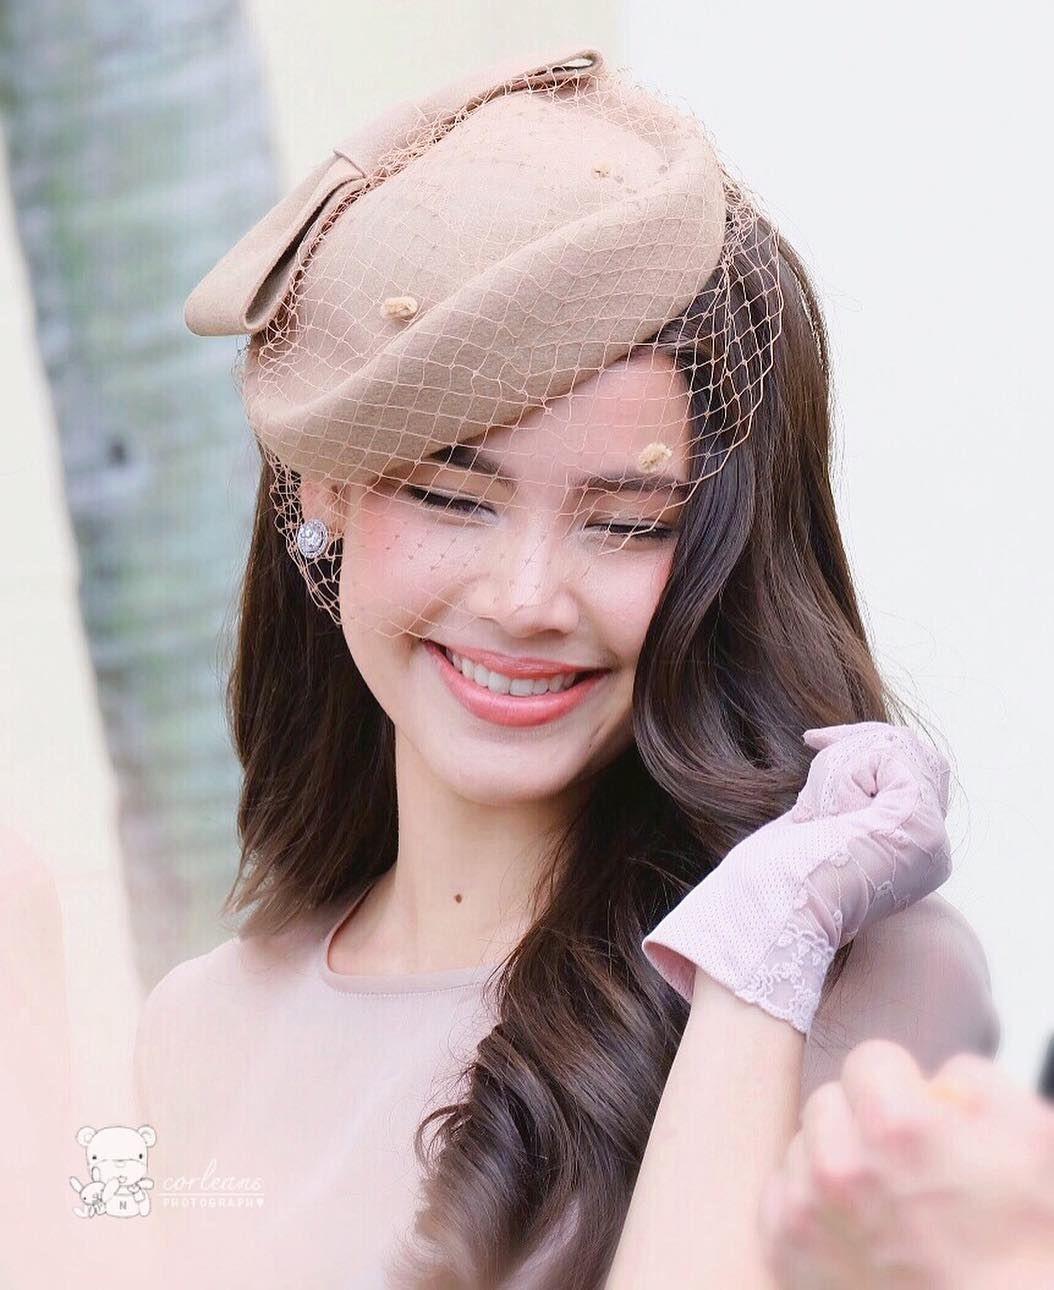 Showbiz Thái toàn các thánh ngoại ngữ: Người nói tận 6 thứ tiếng, Hoa hậu bất ngờ bắn tiếng Việt cực sõi - Ảnh 4.